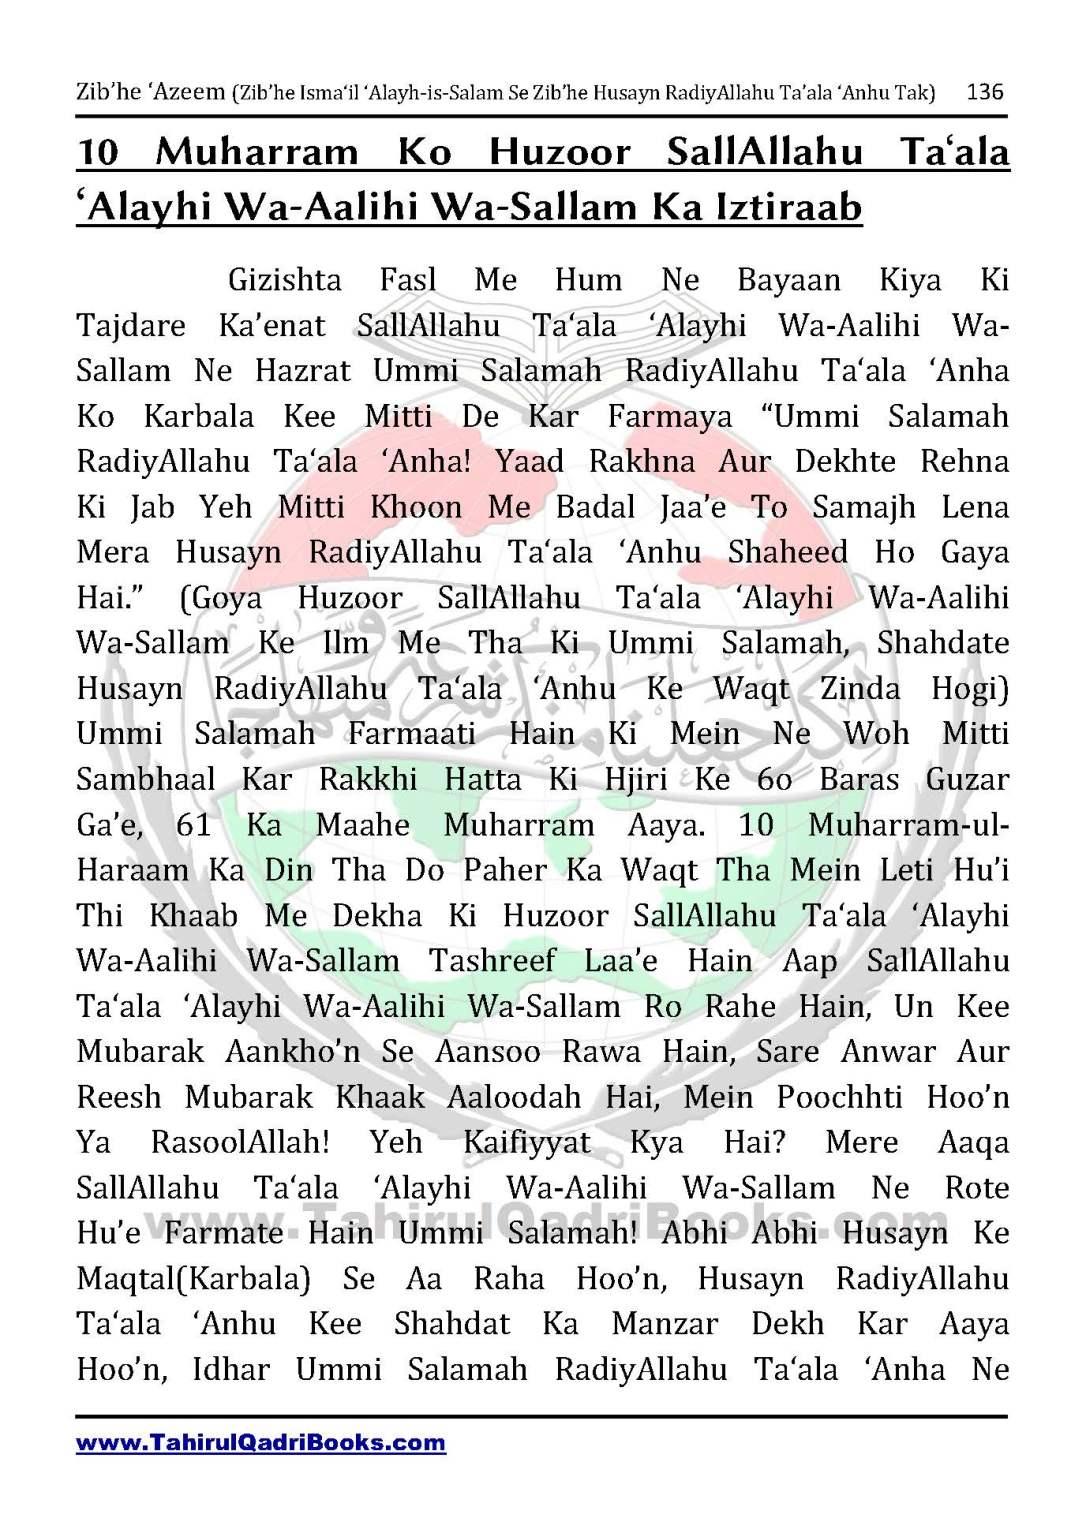 zib_he-e28098azeem-zib_he-ismacabbil-se-zib_he-husayn-tak-in-roman-urdu-unlocked_Page_136